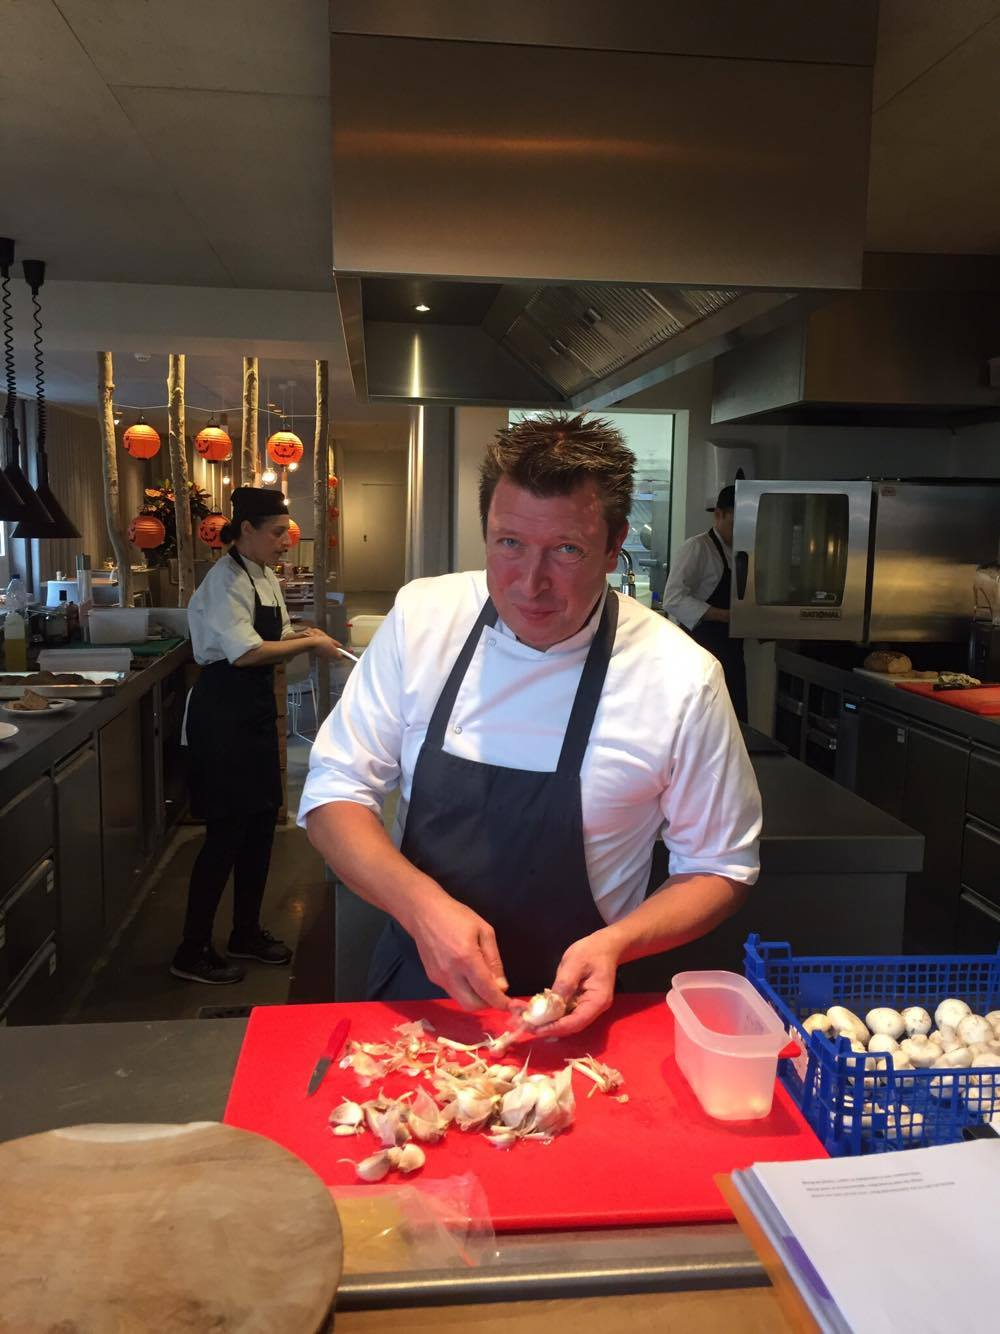 Het Ferm-team krijgt versterking van chef Stefan De Bruyn